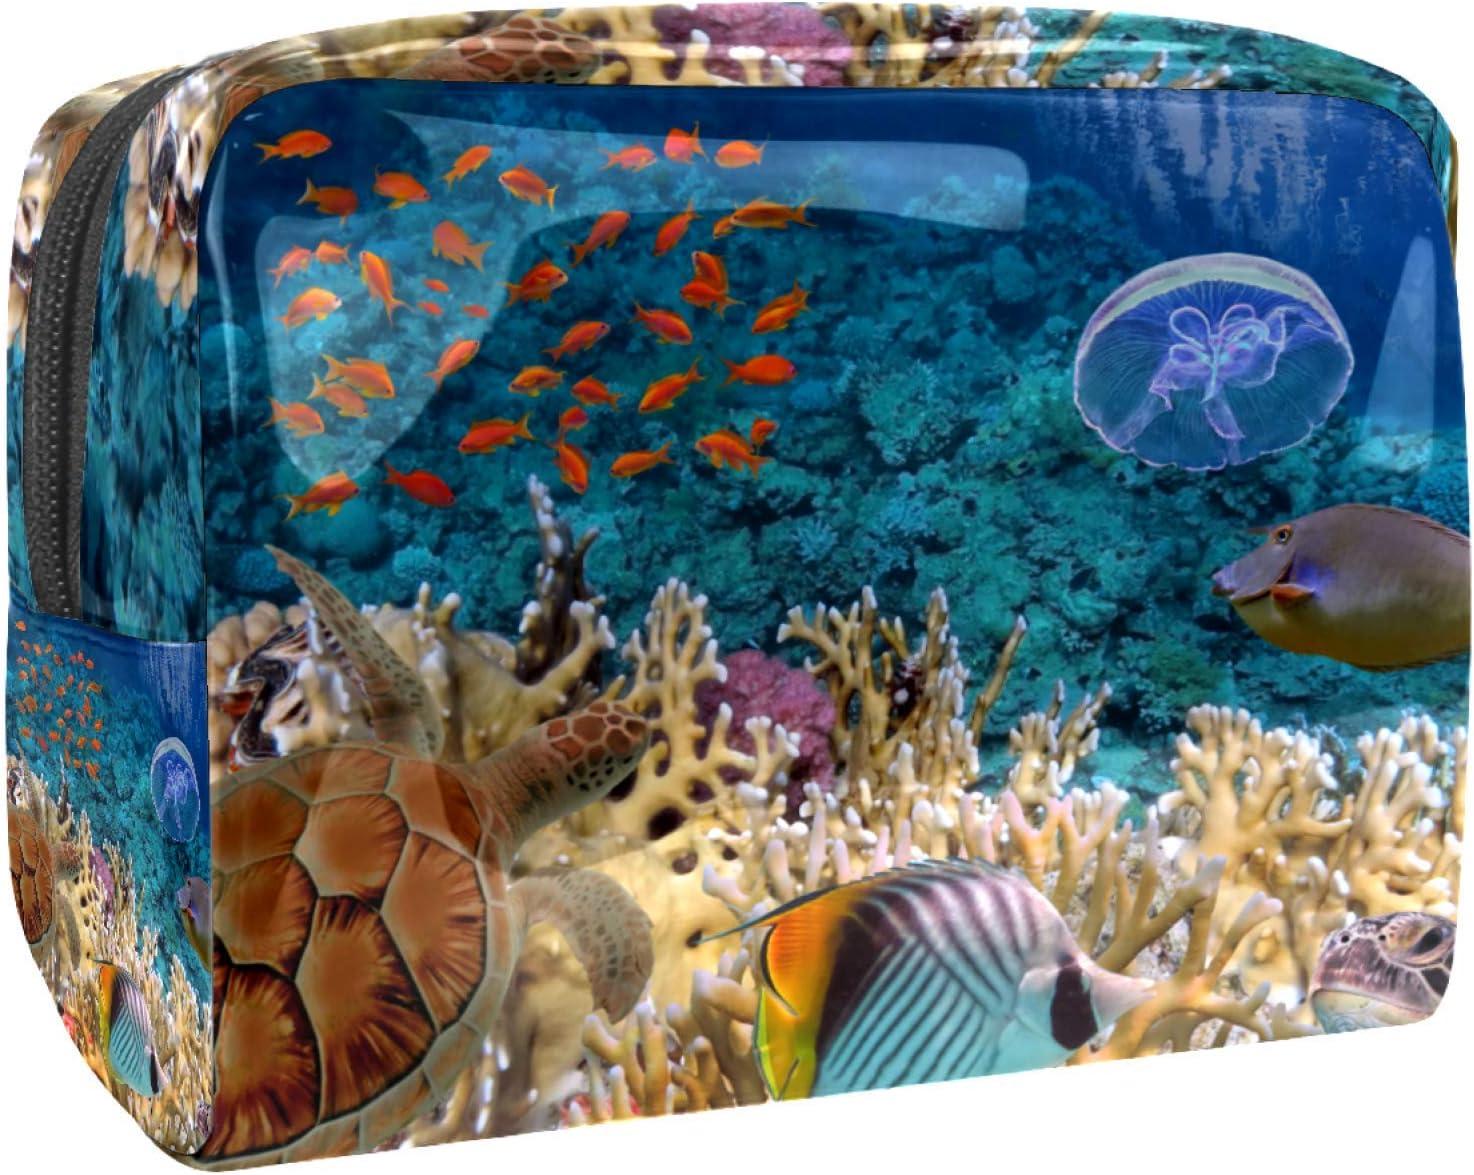 Bolsa de maquillaje portátil con cremallera bolsa de aseo de viaje para las mujeres práctico almacenamiento cosmético bolsa pescado tortuga mar bajo el agua